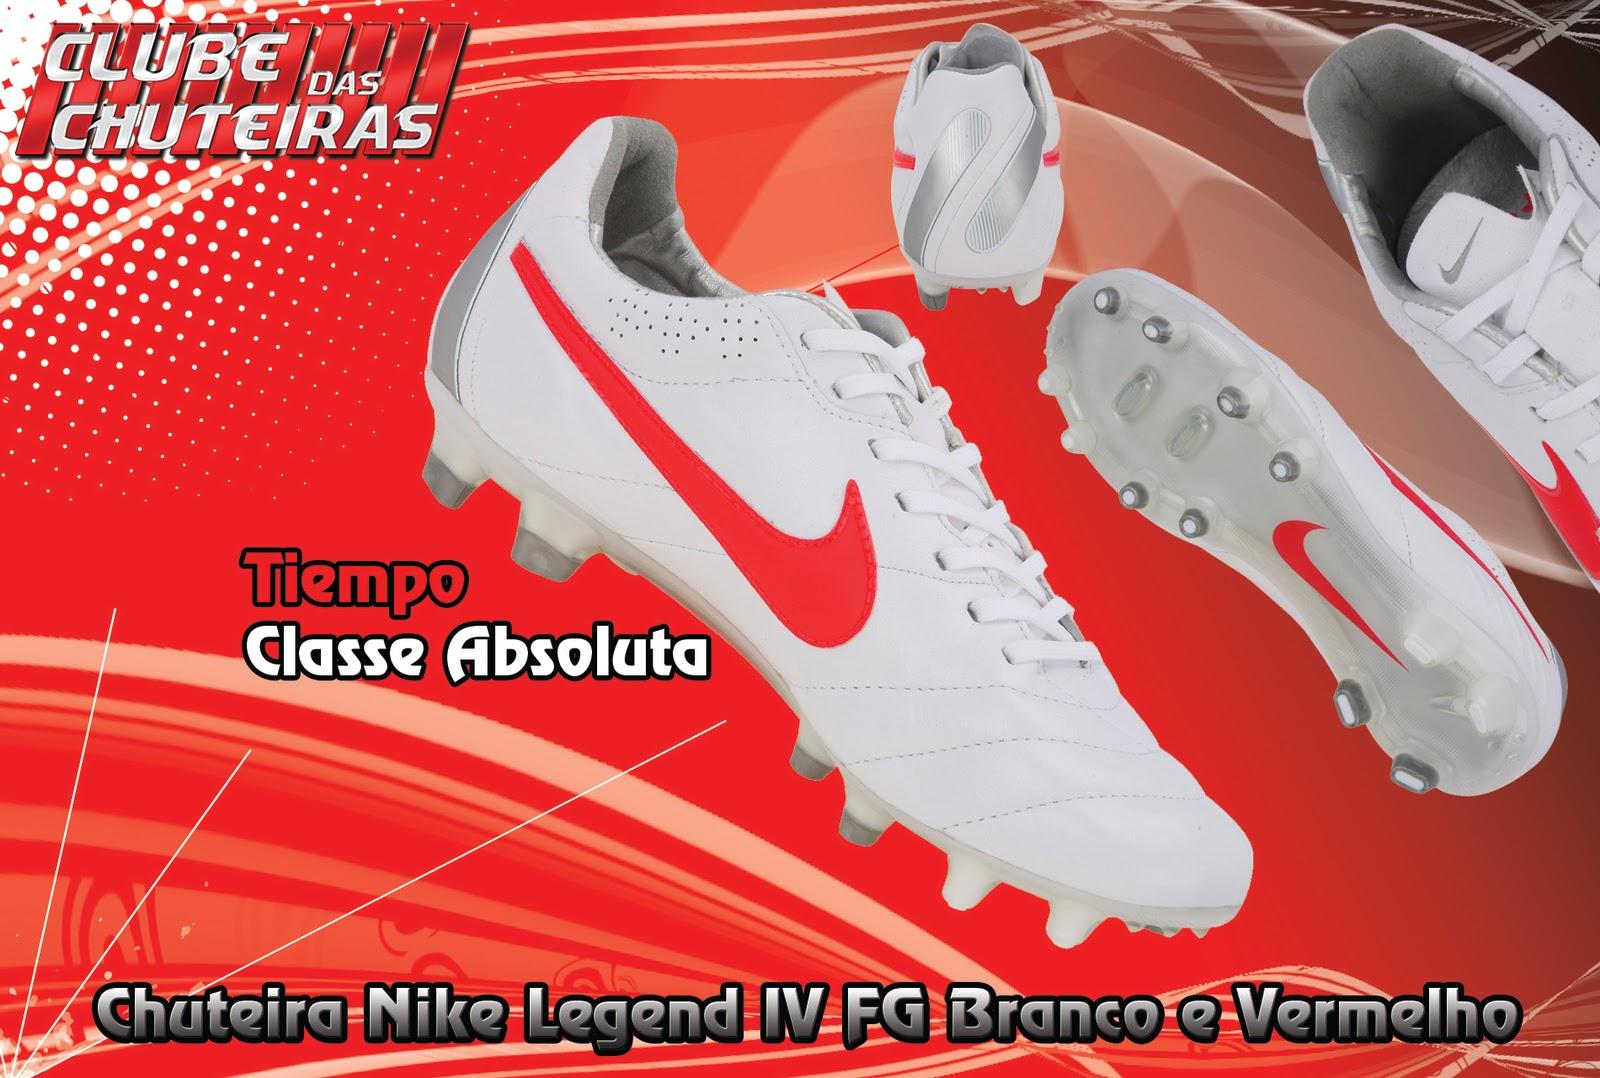 53e2a8b7f2 Chuteira Nike Tiempo Legend IV FG - Clube Das Chuteiras